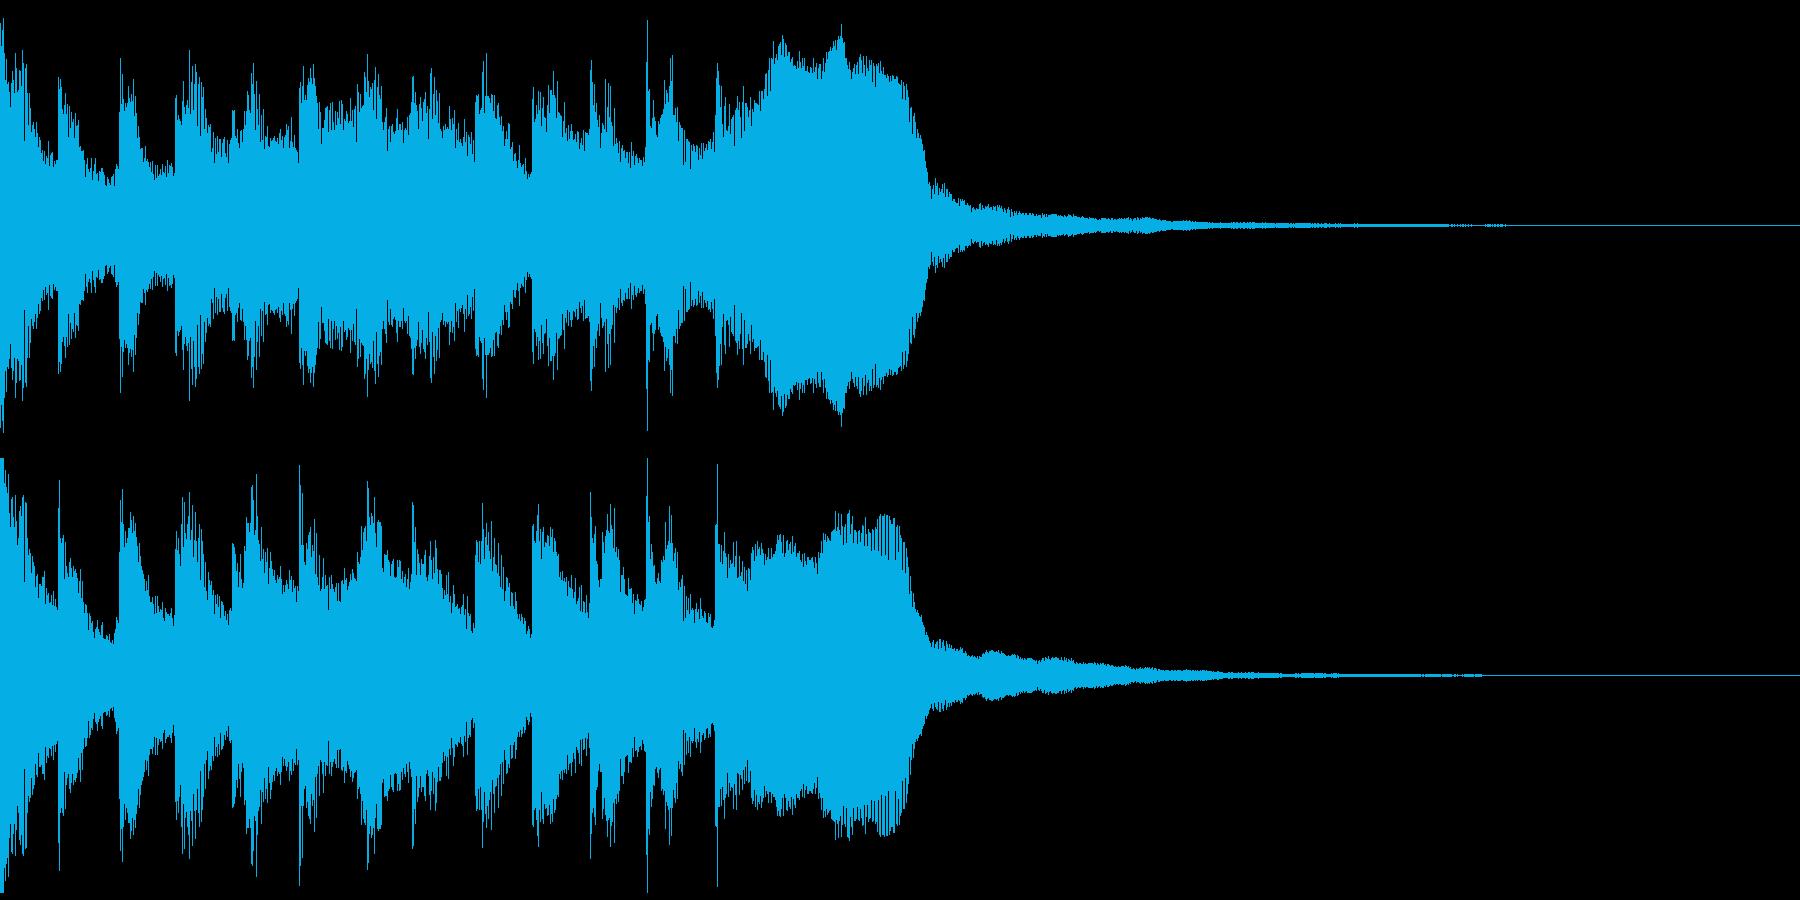 サウンドロゴ、ゴージャス感、verFの再生済みの波形